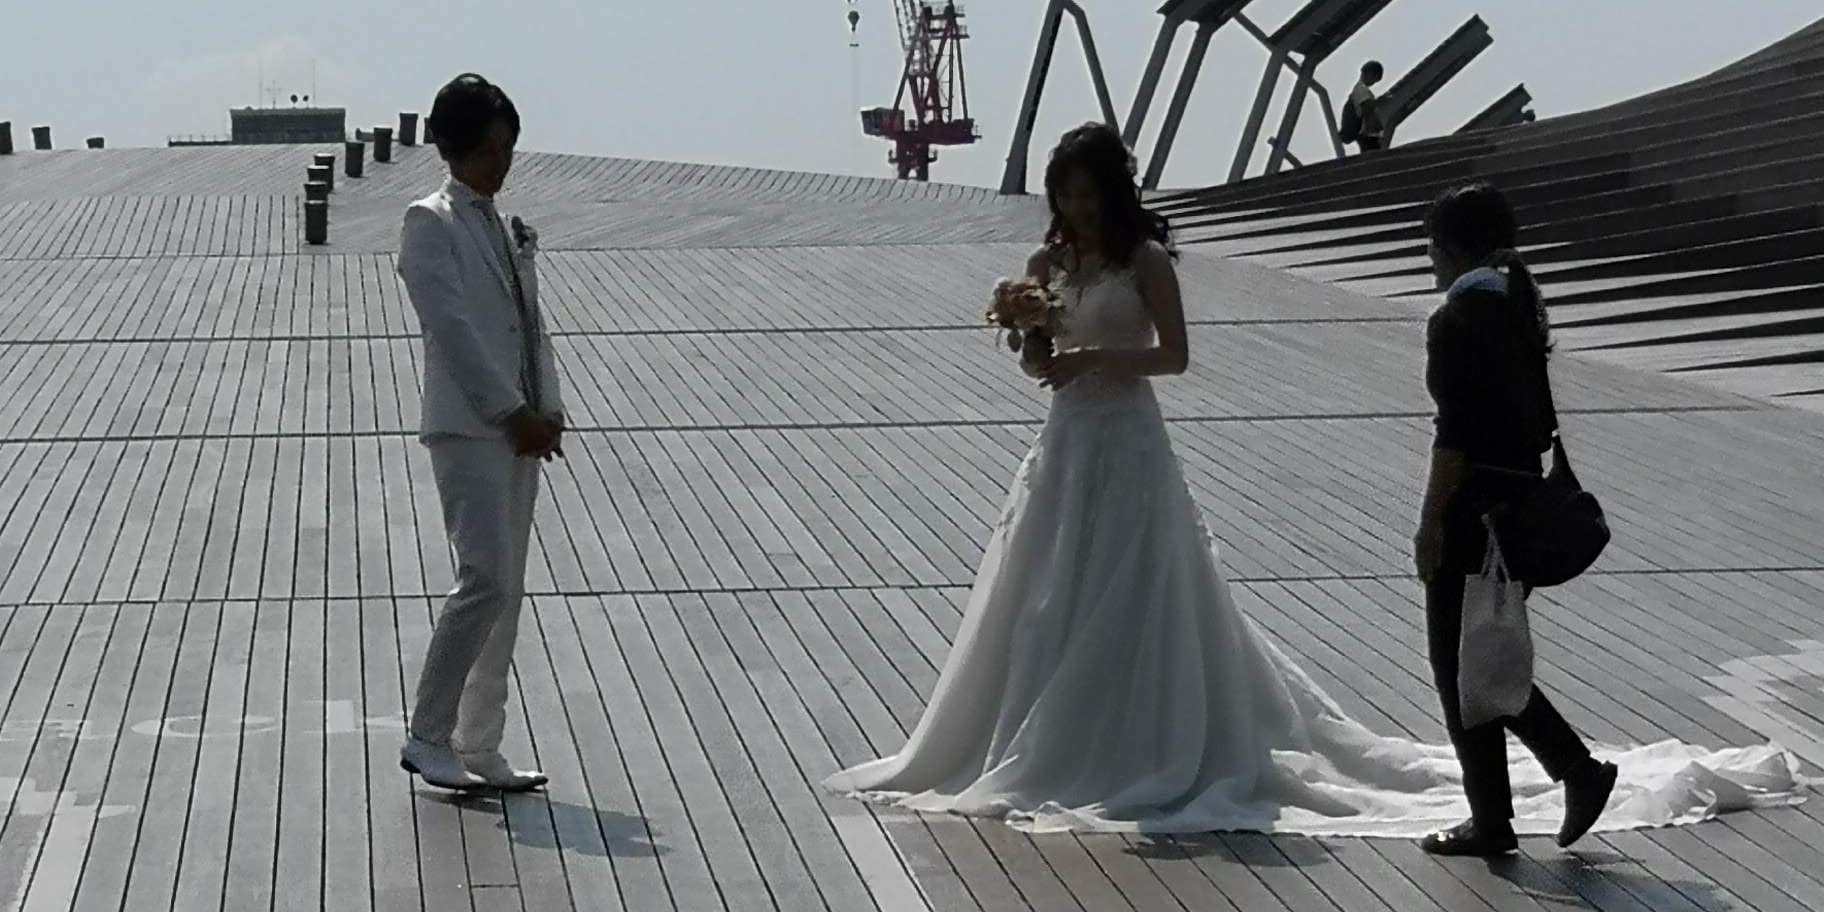 婚活は食わず嫌いではダメ。結婚を決めるためのファーストステップ!